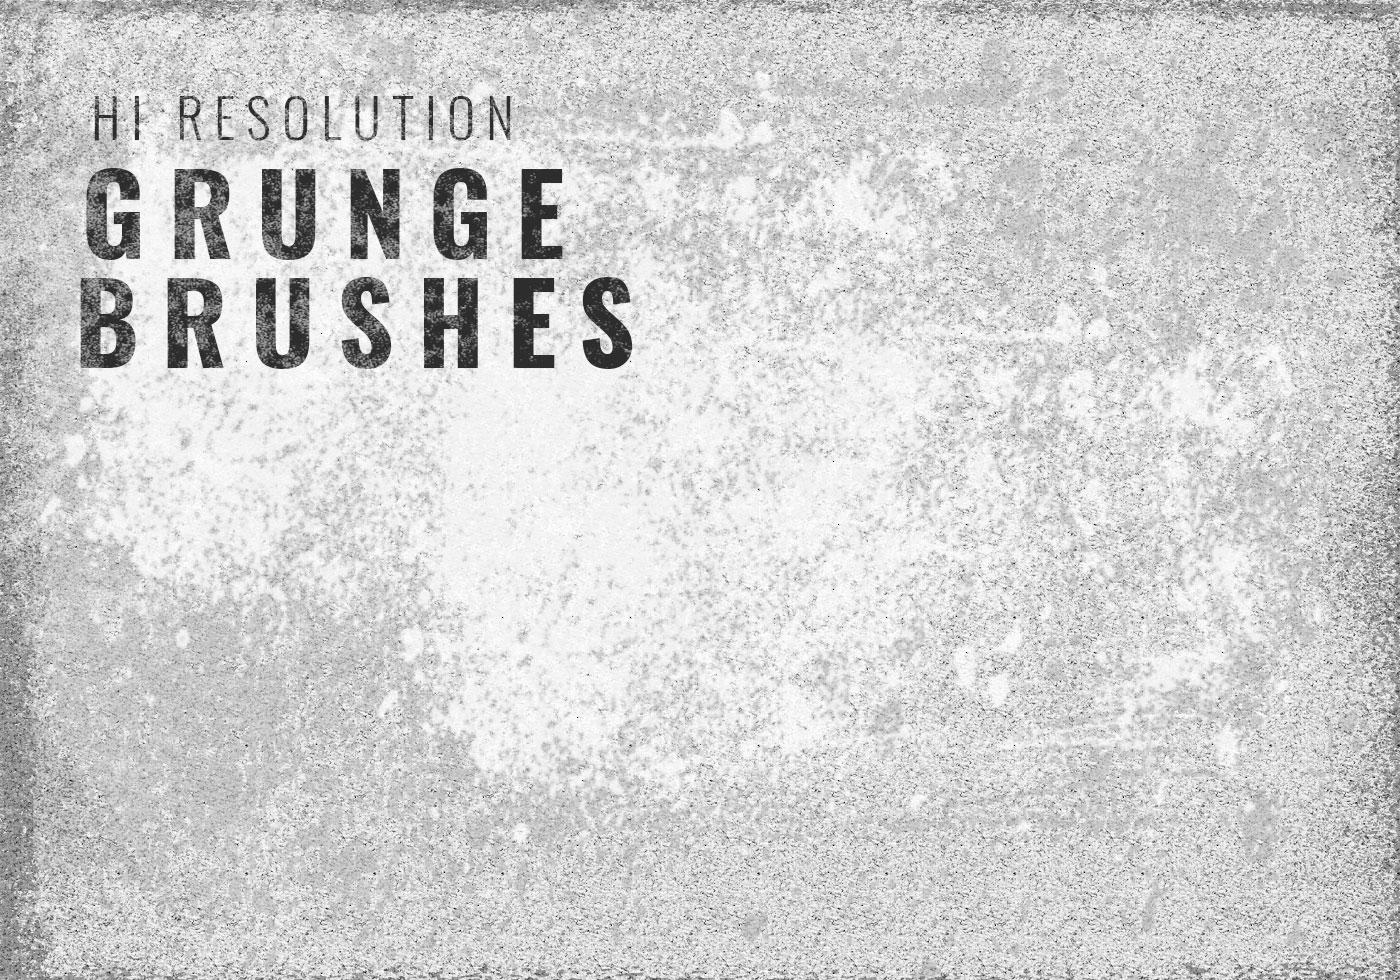 grunge free brushes 2455 free downloads